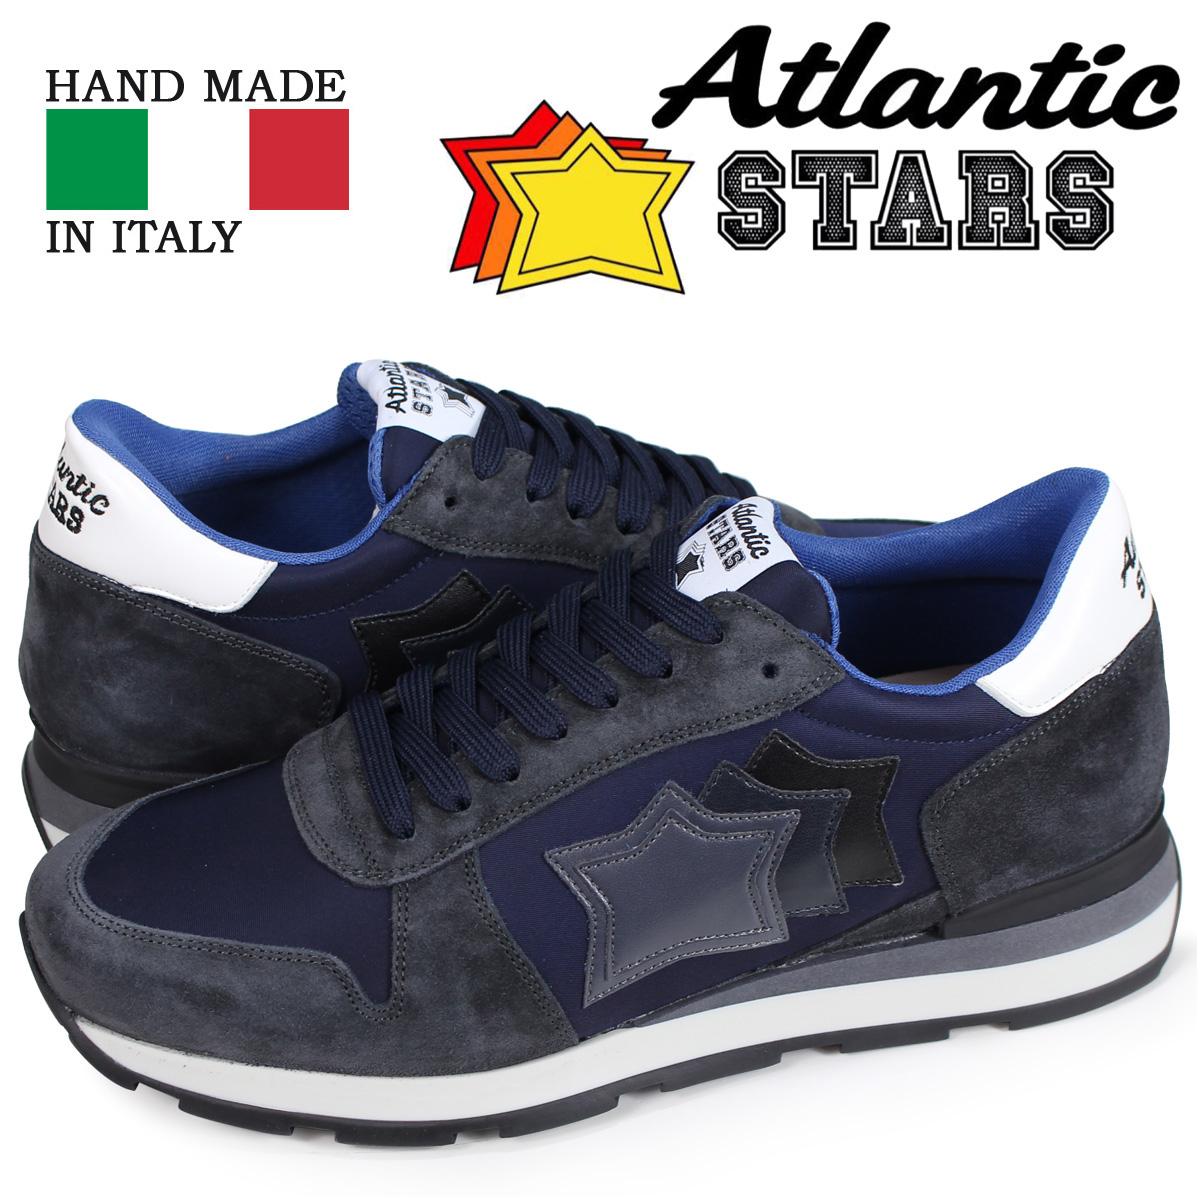 アトランティックスターズ Atlantic STARS シリウス スニーカー メンズ SIRIUS AN-81N ネイビー